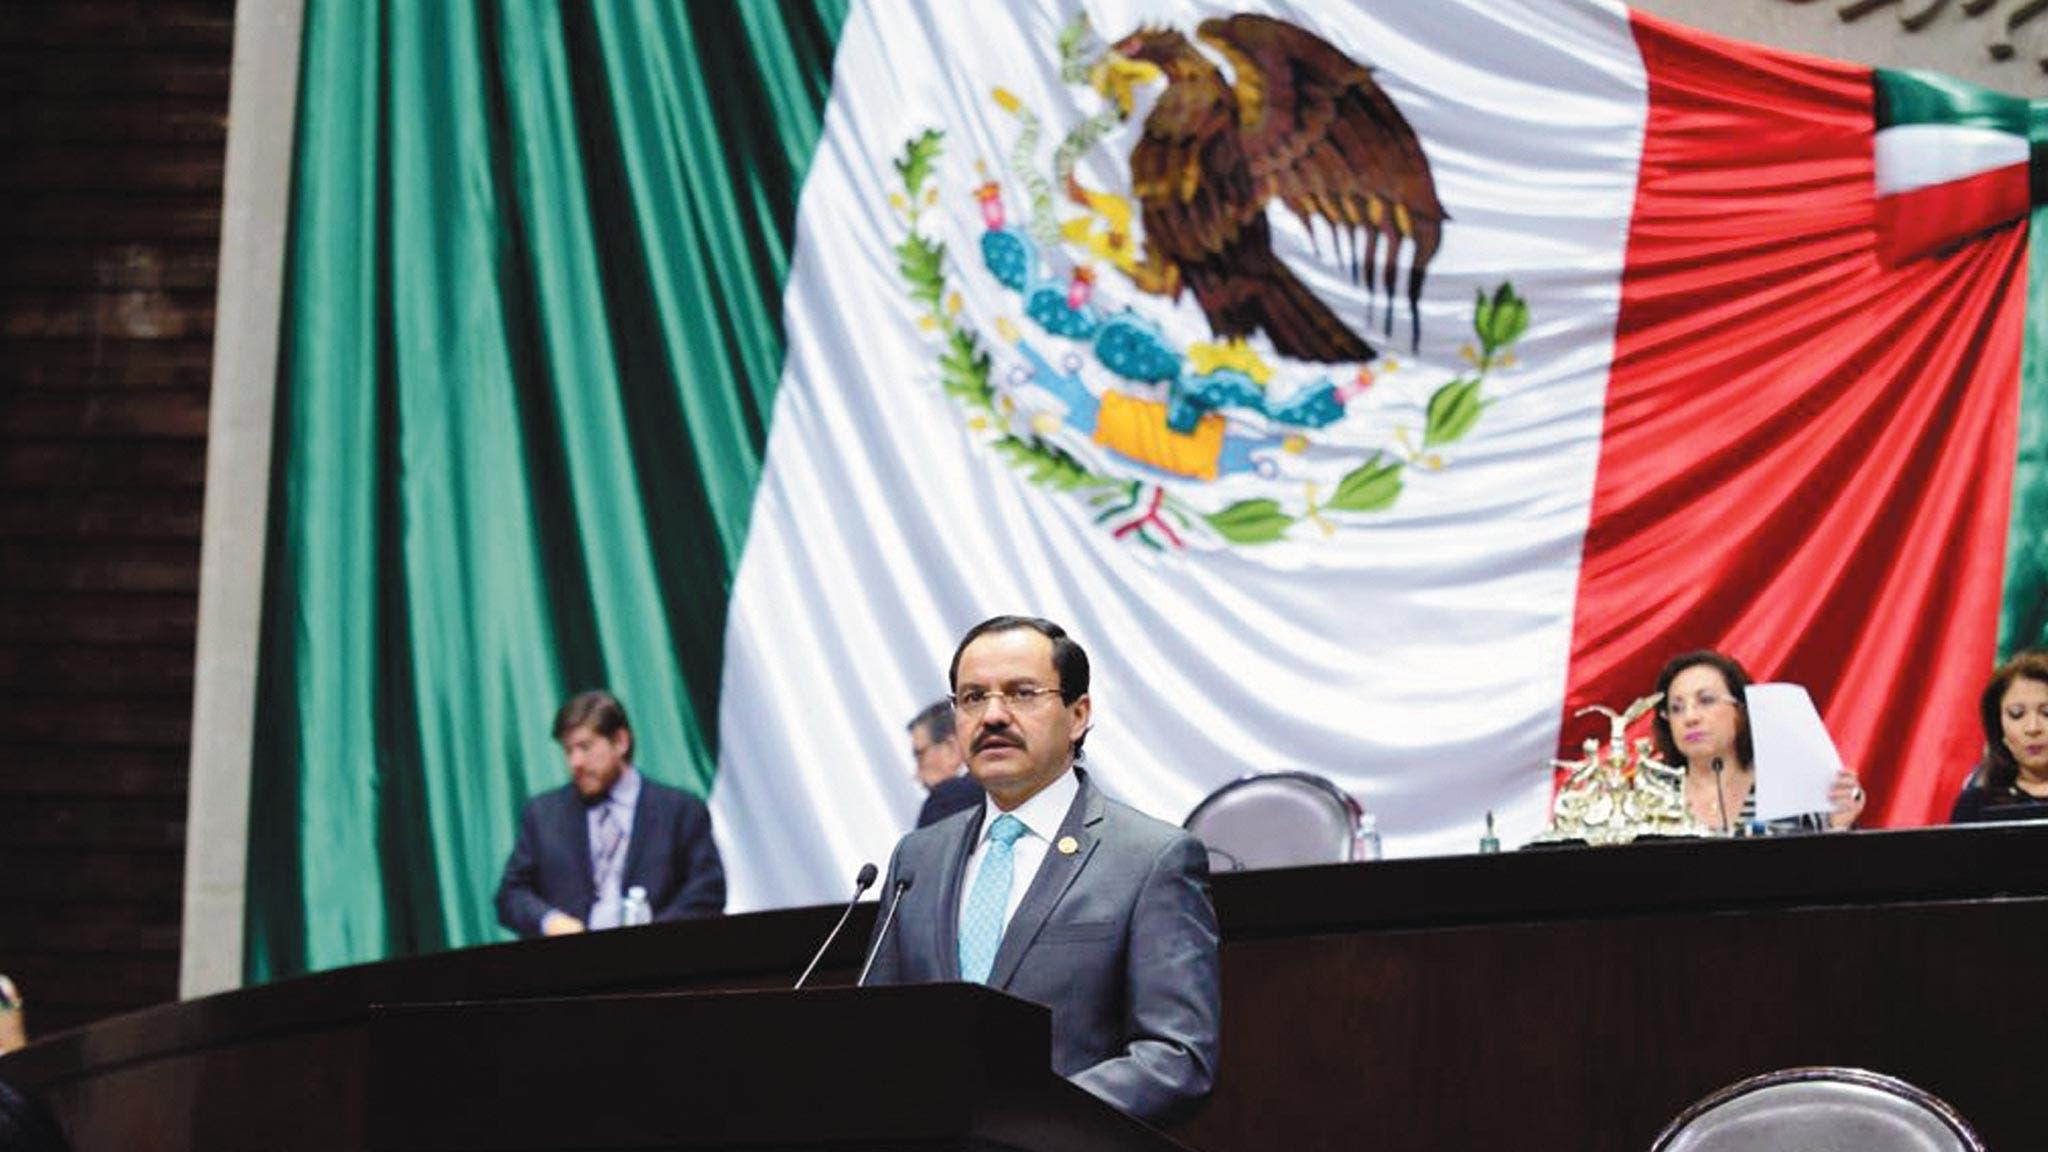 Produce. A iniciativa del diputado federal por Morelos Ángel García Yáñez, la Cámara de Diputados aprobó incorporar la sustentabilidad en el desarrollo de políticas públicas en materia social.